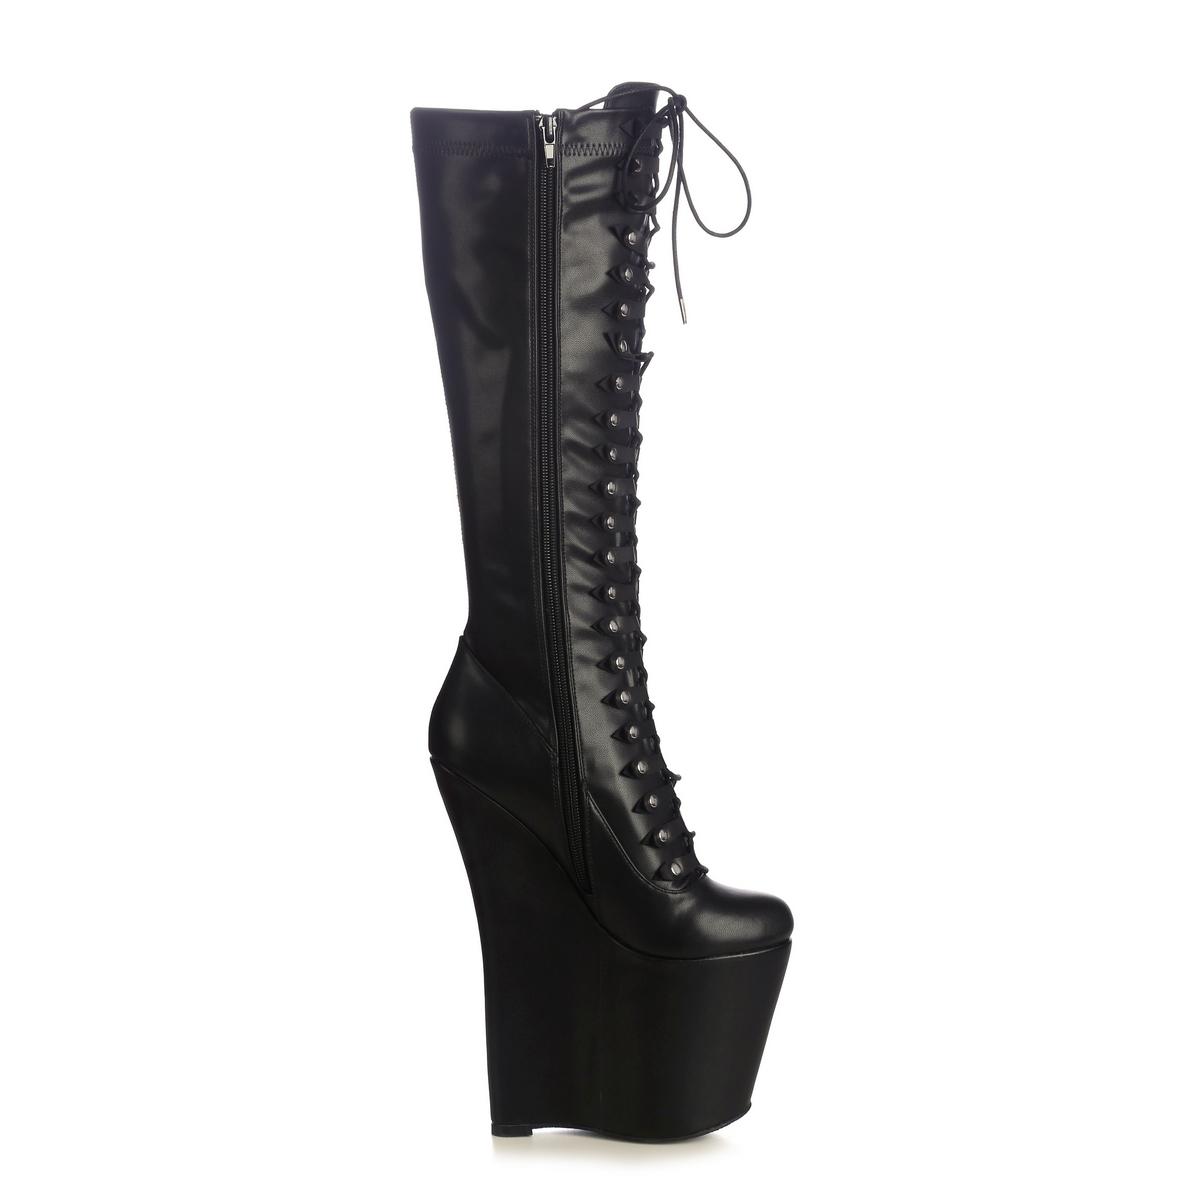 Giaro Mistery 1004 Stiefel in Übergrößen Schwarz große Damenschuhe – Bild 4